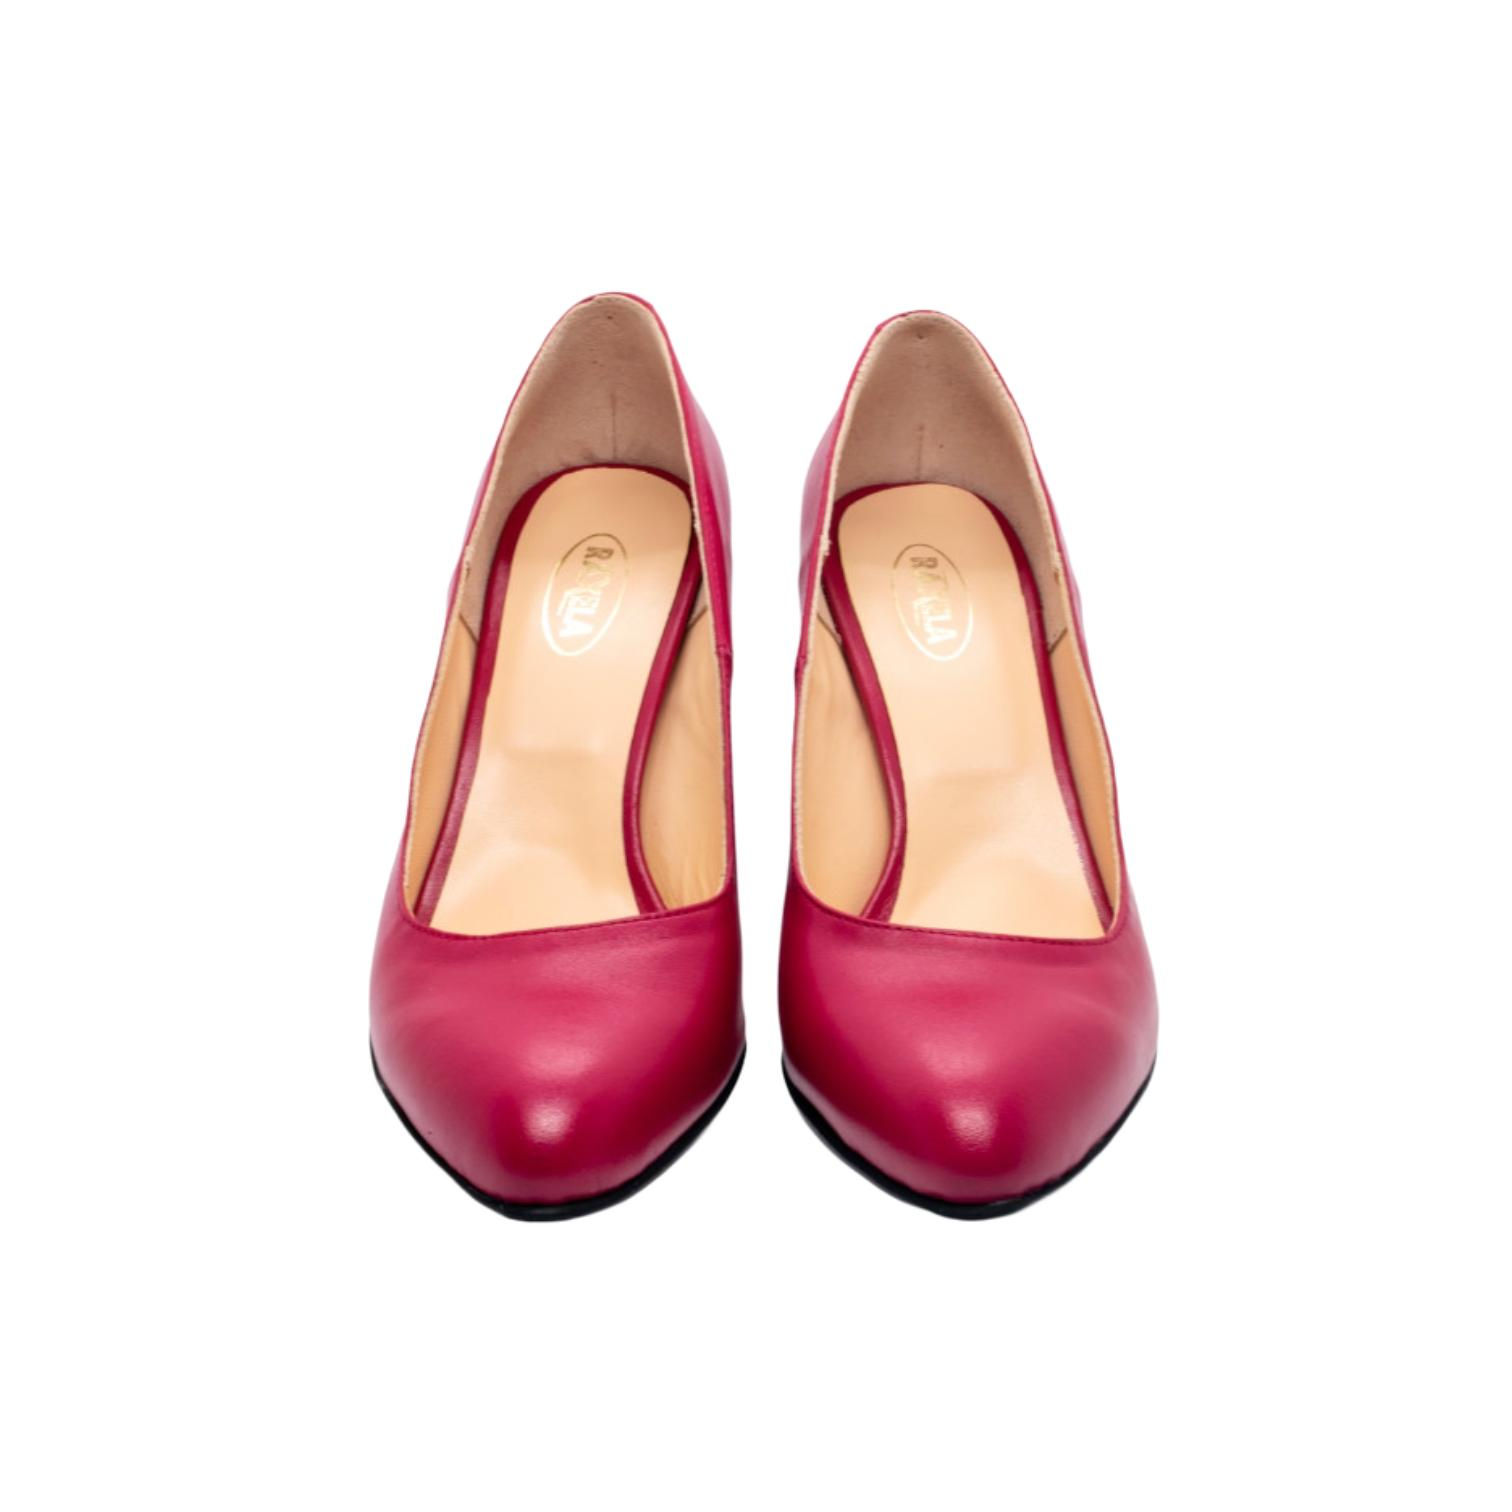 Pantofi fuchsia